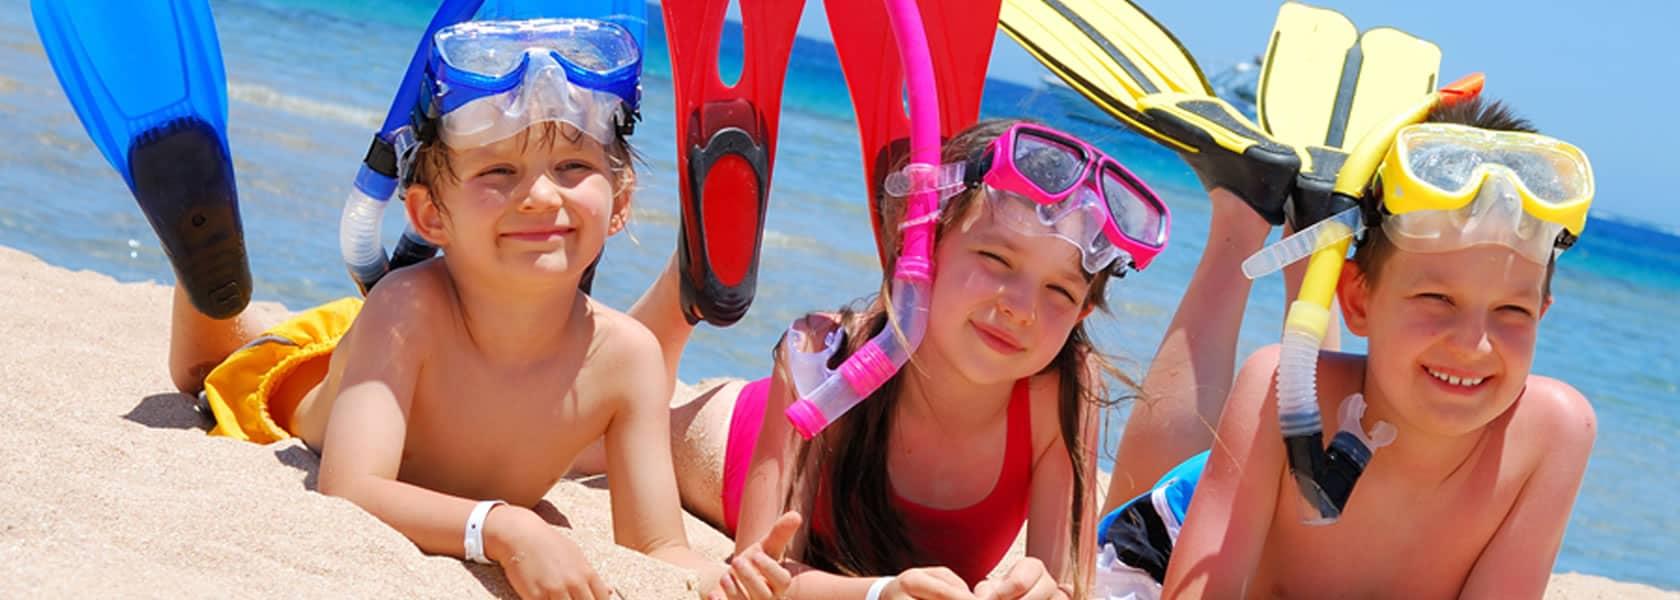 Bambini felici con maschera da sub e pinne che ridono felici in una spiaggia